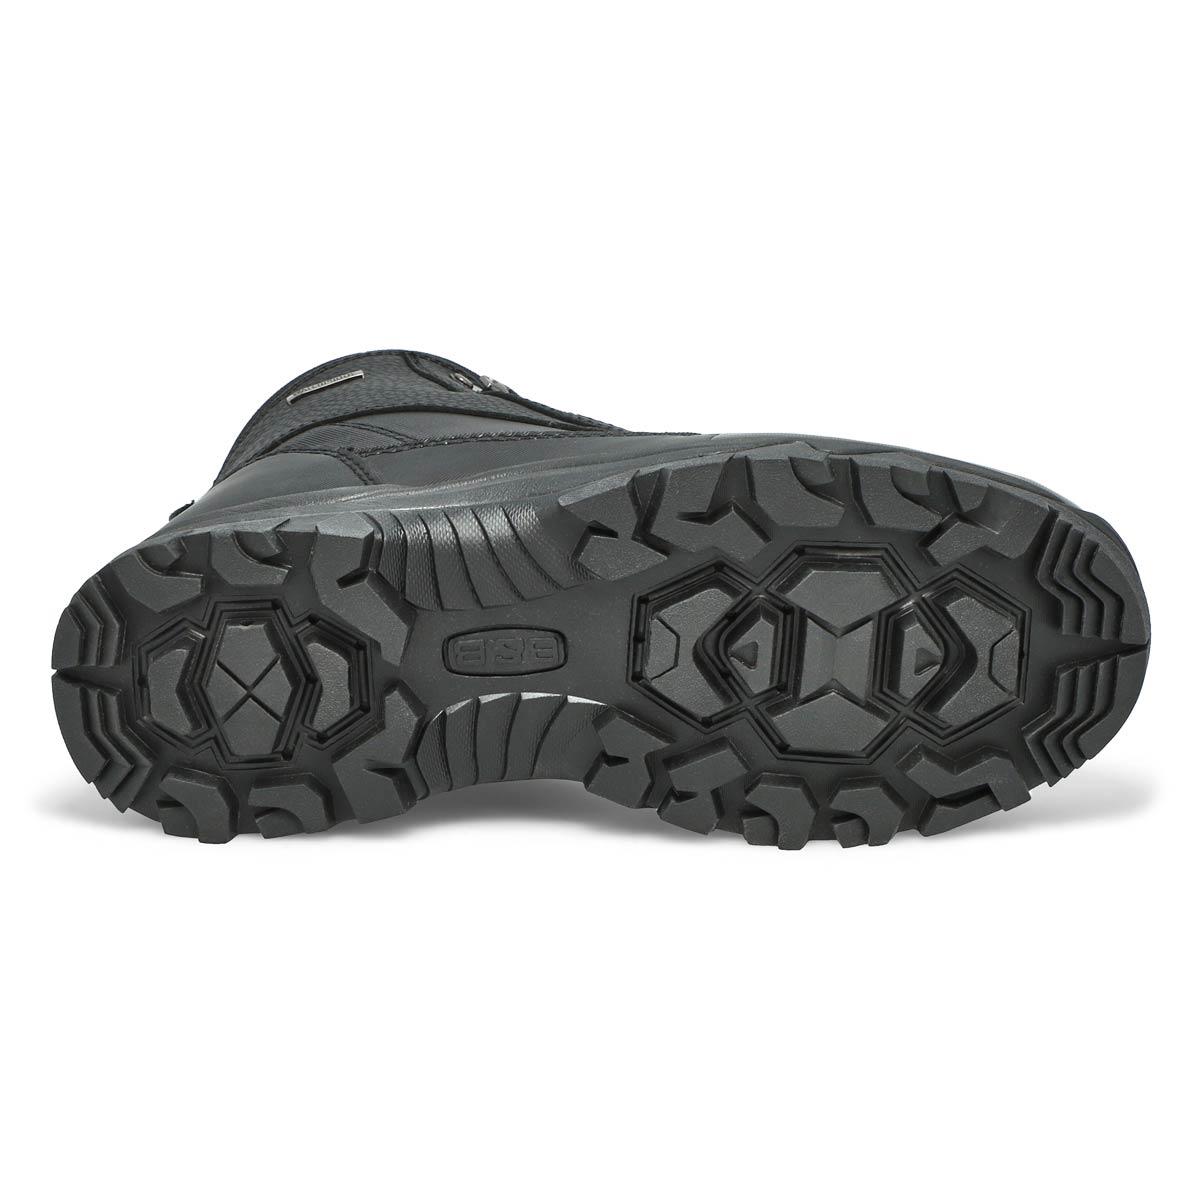 Men's MURPHY black waterproof winter boots